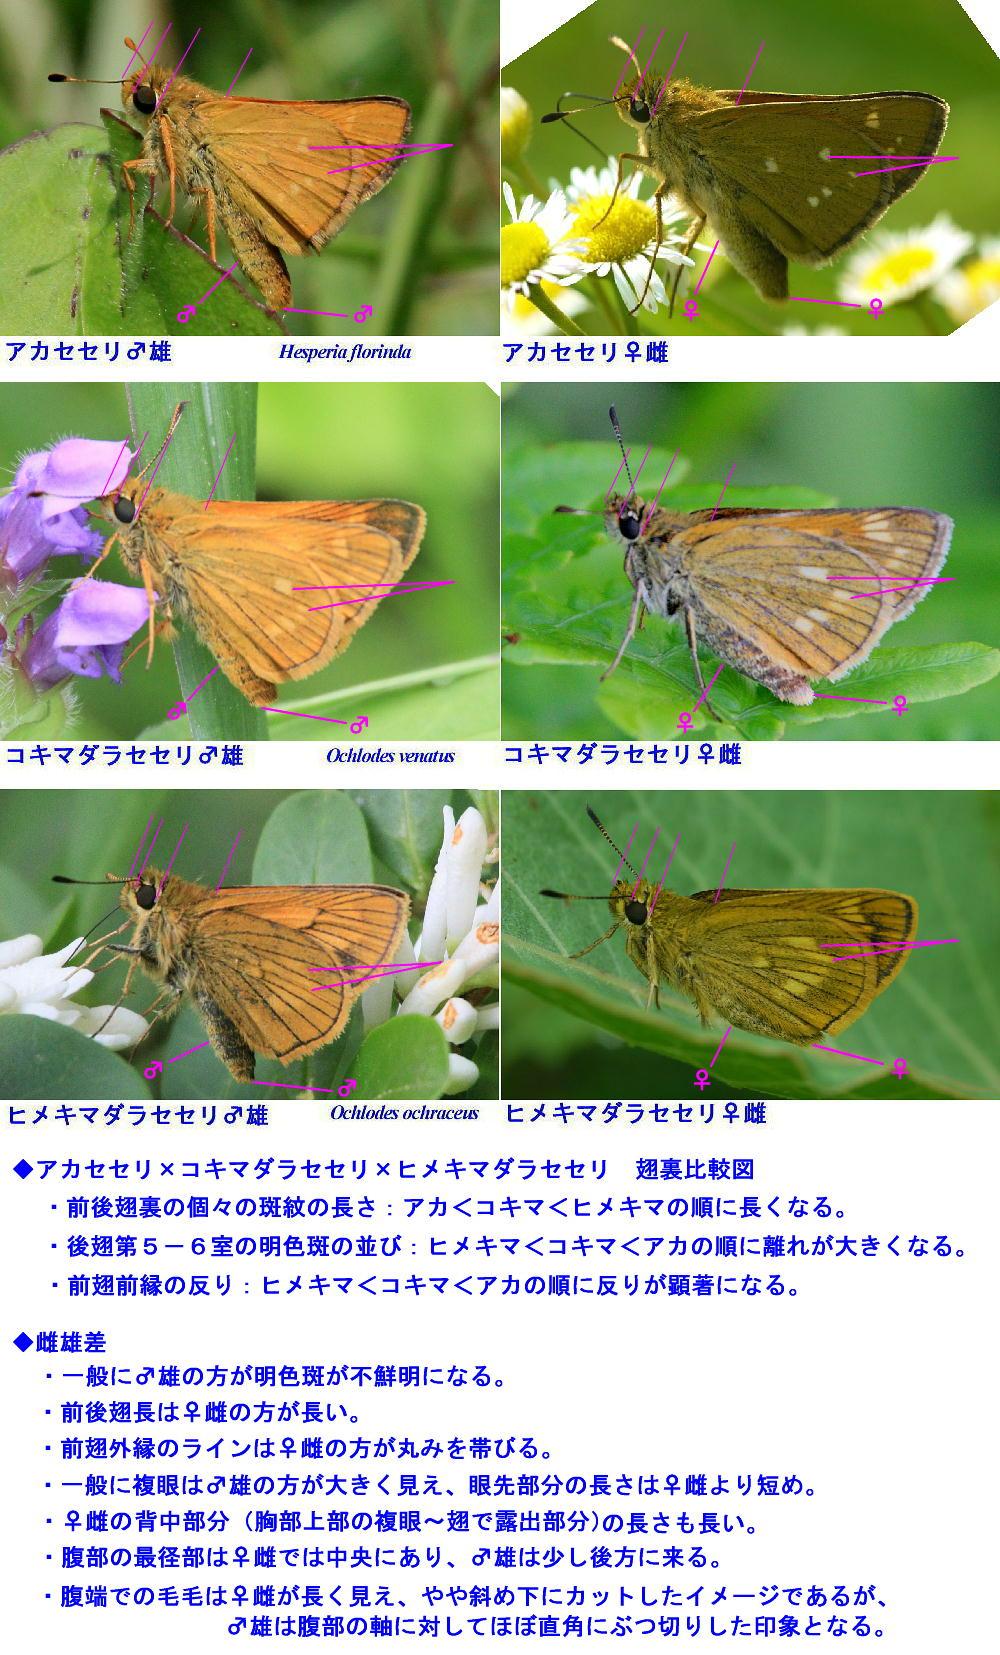 アカセセリ×コキマダラセセリ×ヒメキマダラセセリ 翅裏比較図_a0146869_2049878.jpg